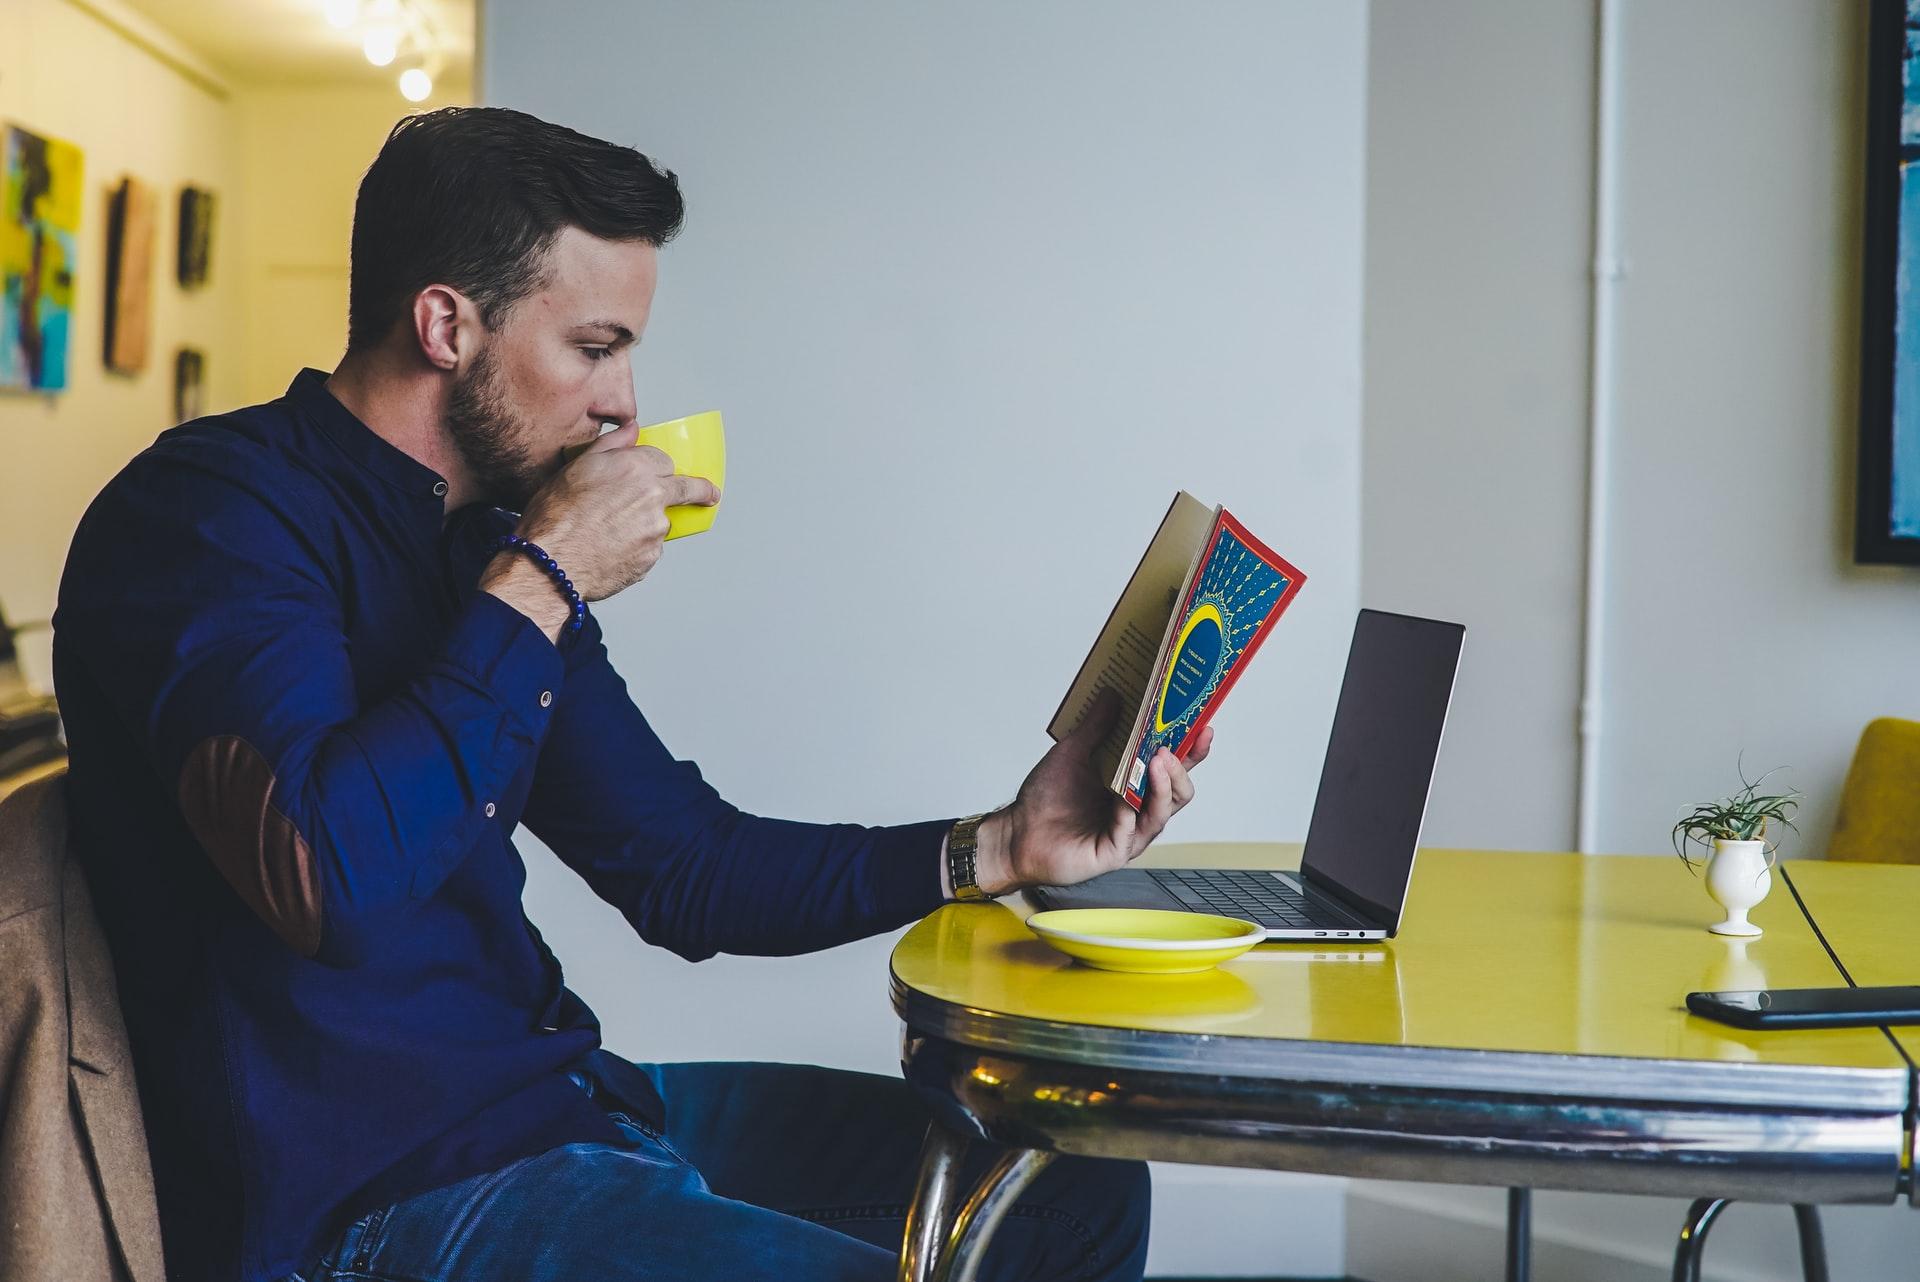 Mand ved computer får fjernundervisning i engelsk